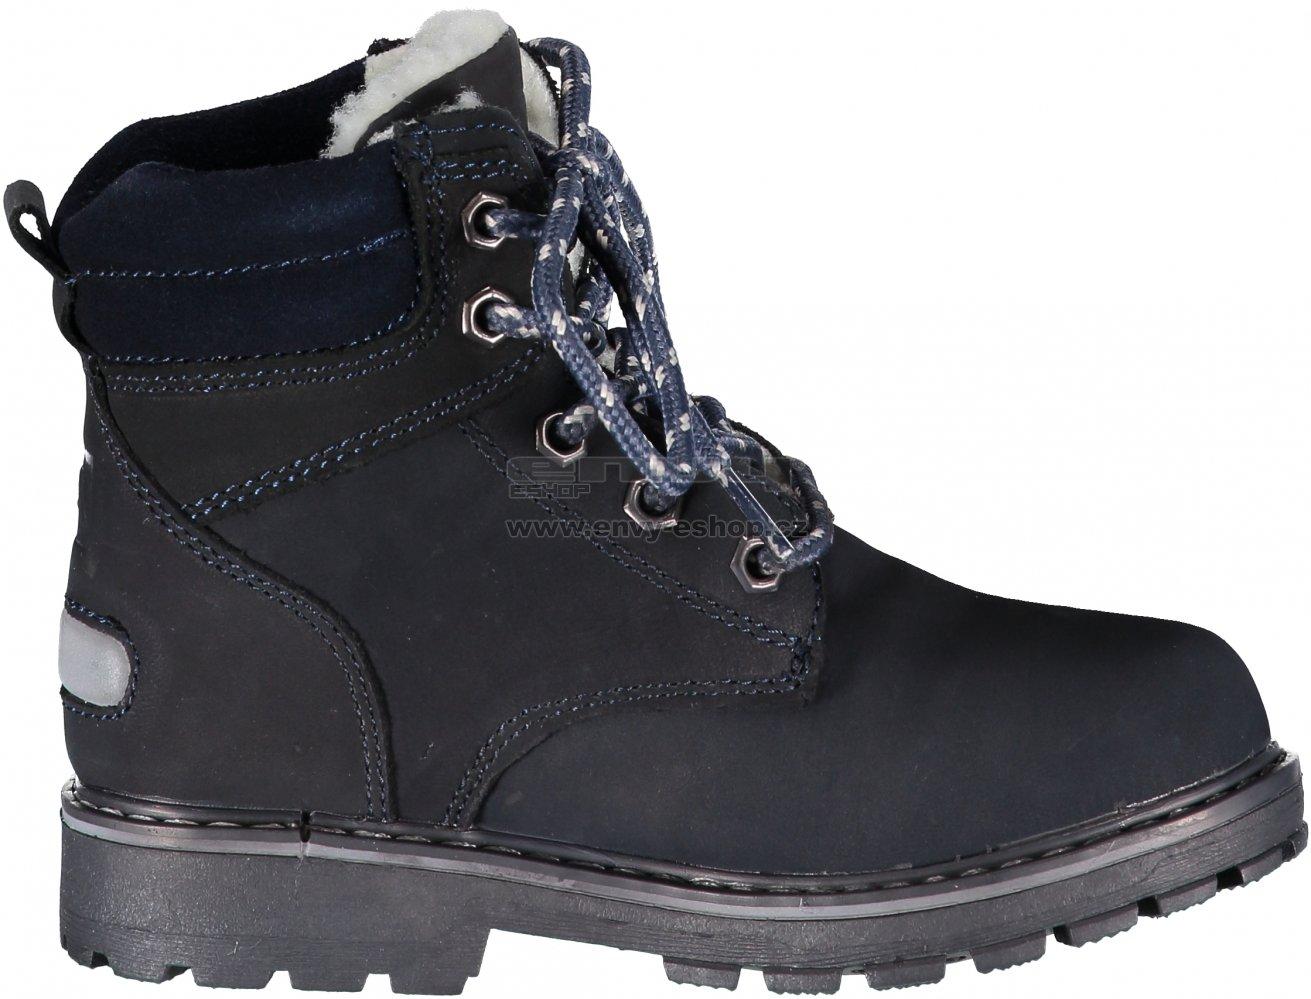 Dětské kotníkové boty ALPINE PRO JINNY KBTK151 TMAVĚ MODRÁ velikost ... fa0952bdc94